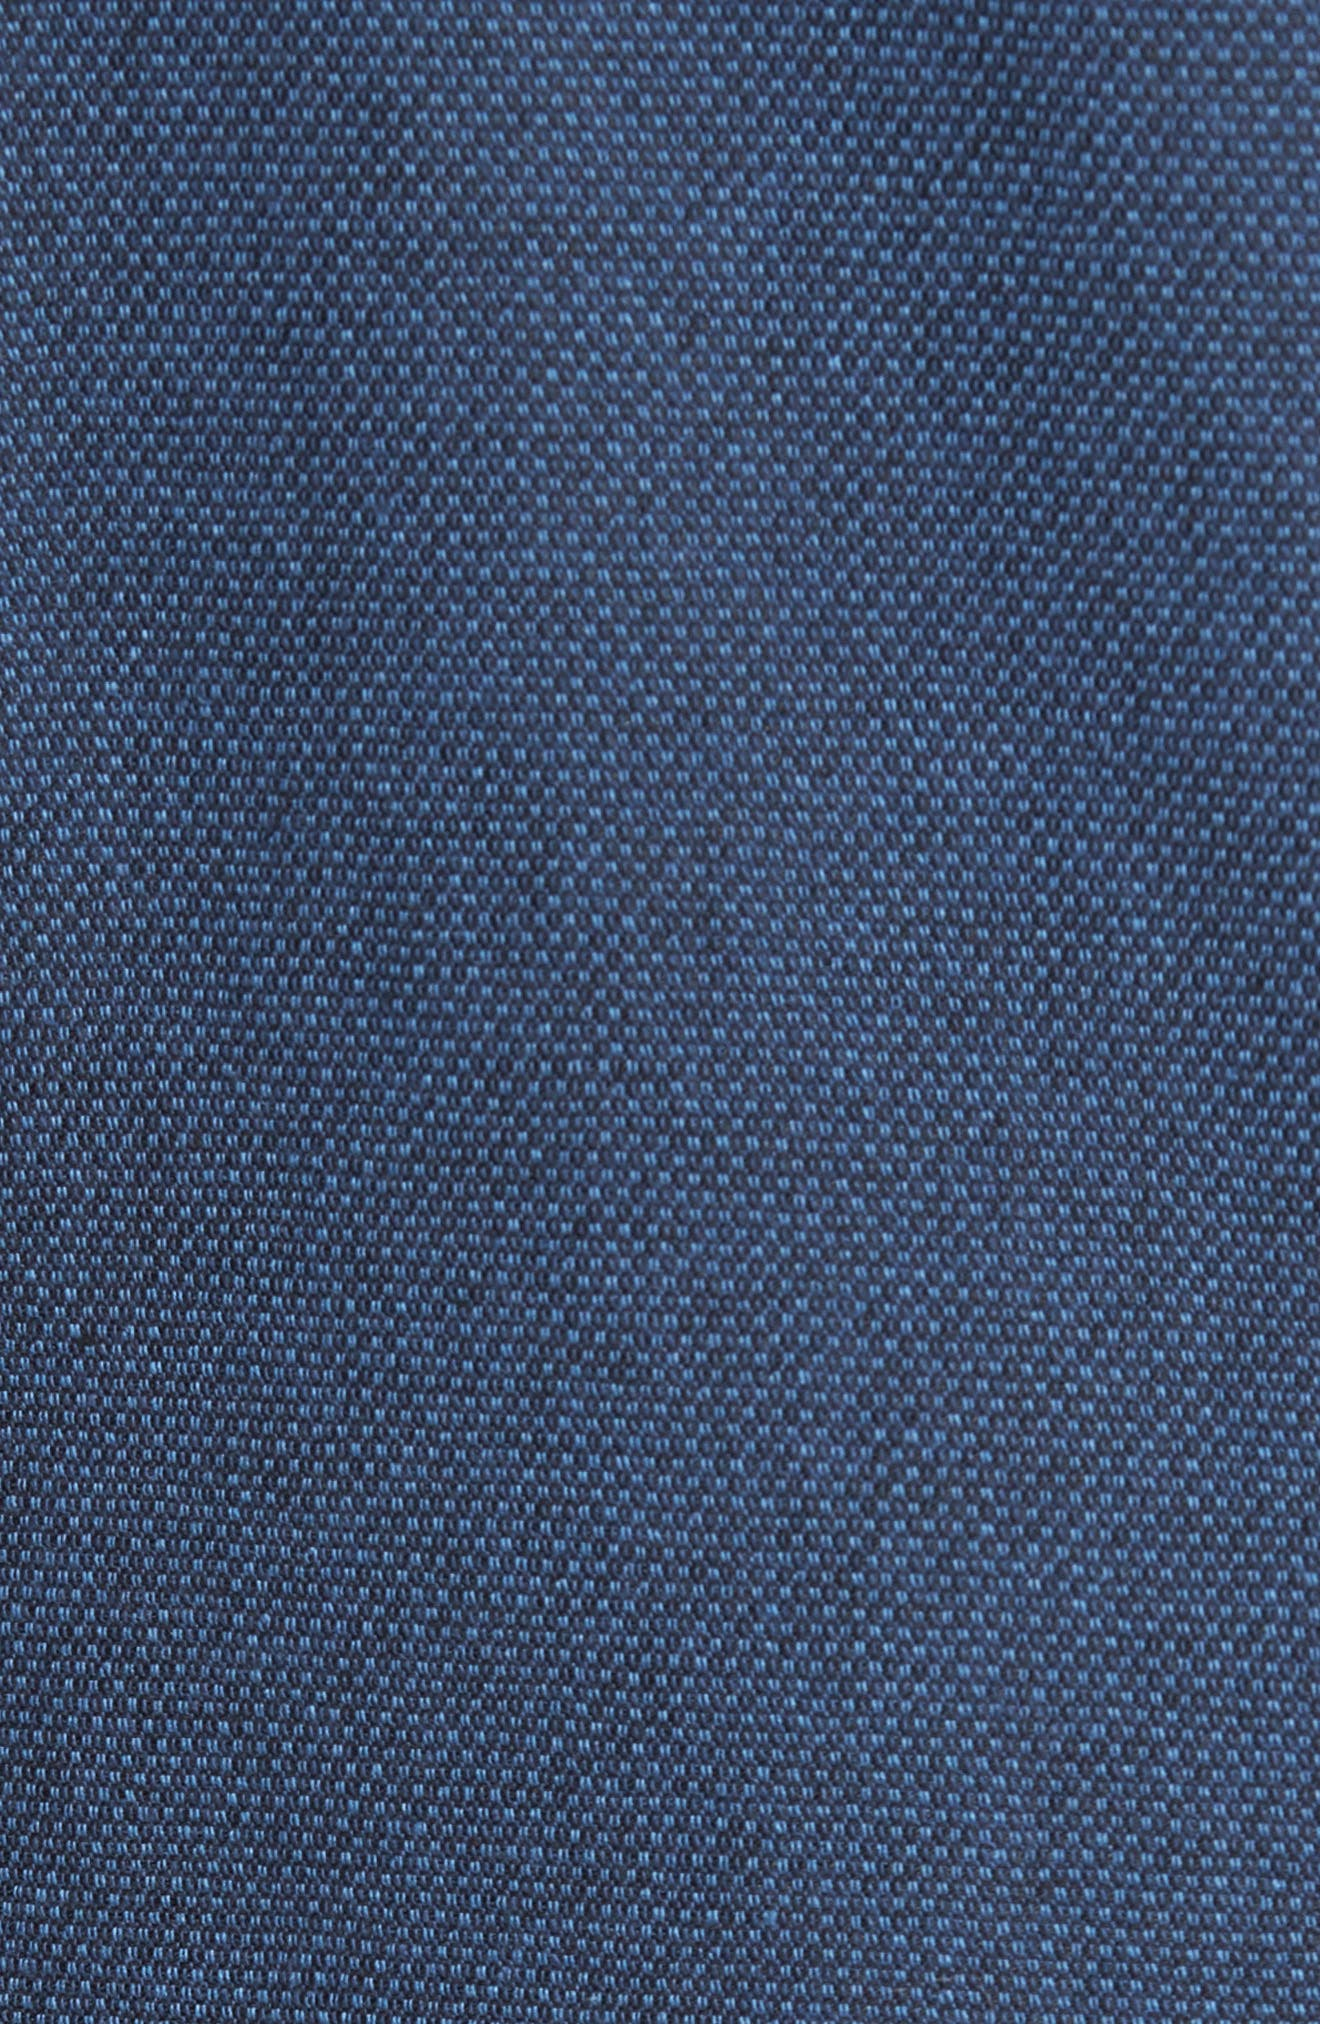 Point Break Sport Fit Cotton & Linen Blazer,                             Alternate thumbnail 6, color,                             432